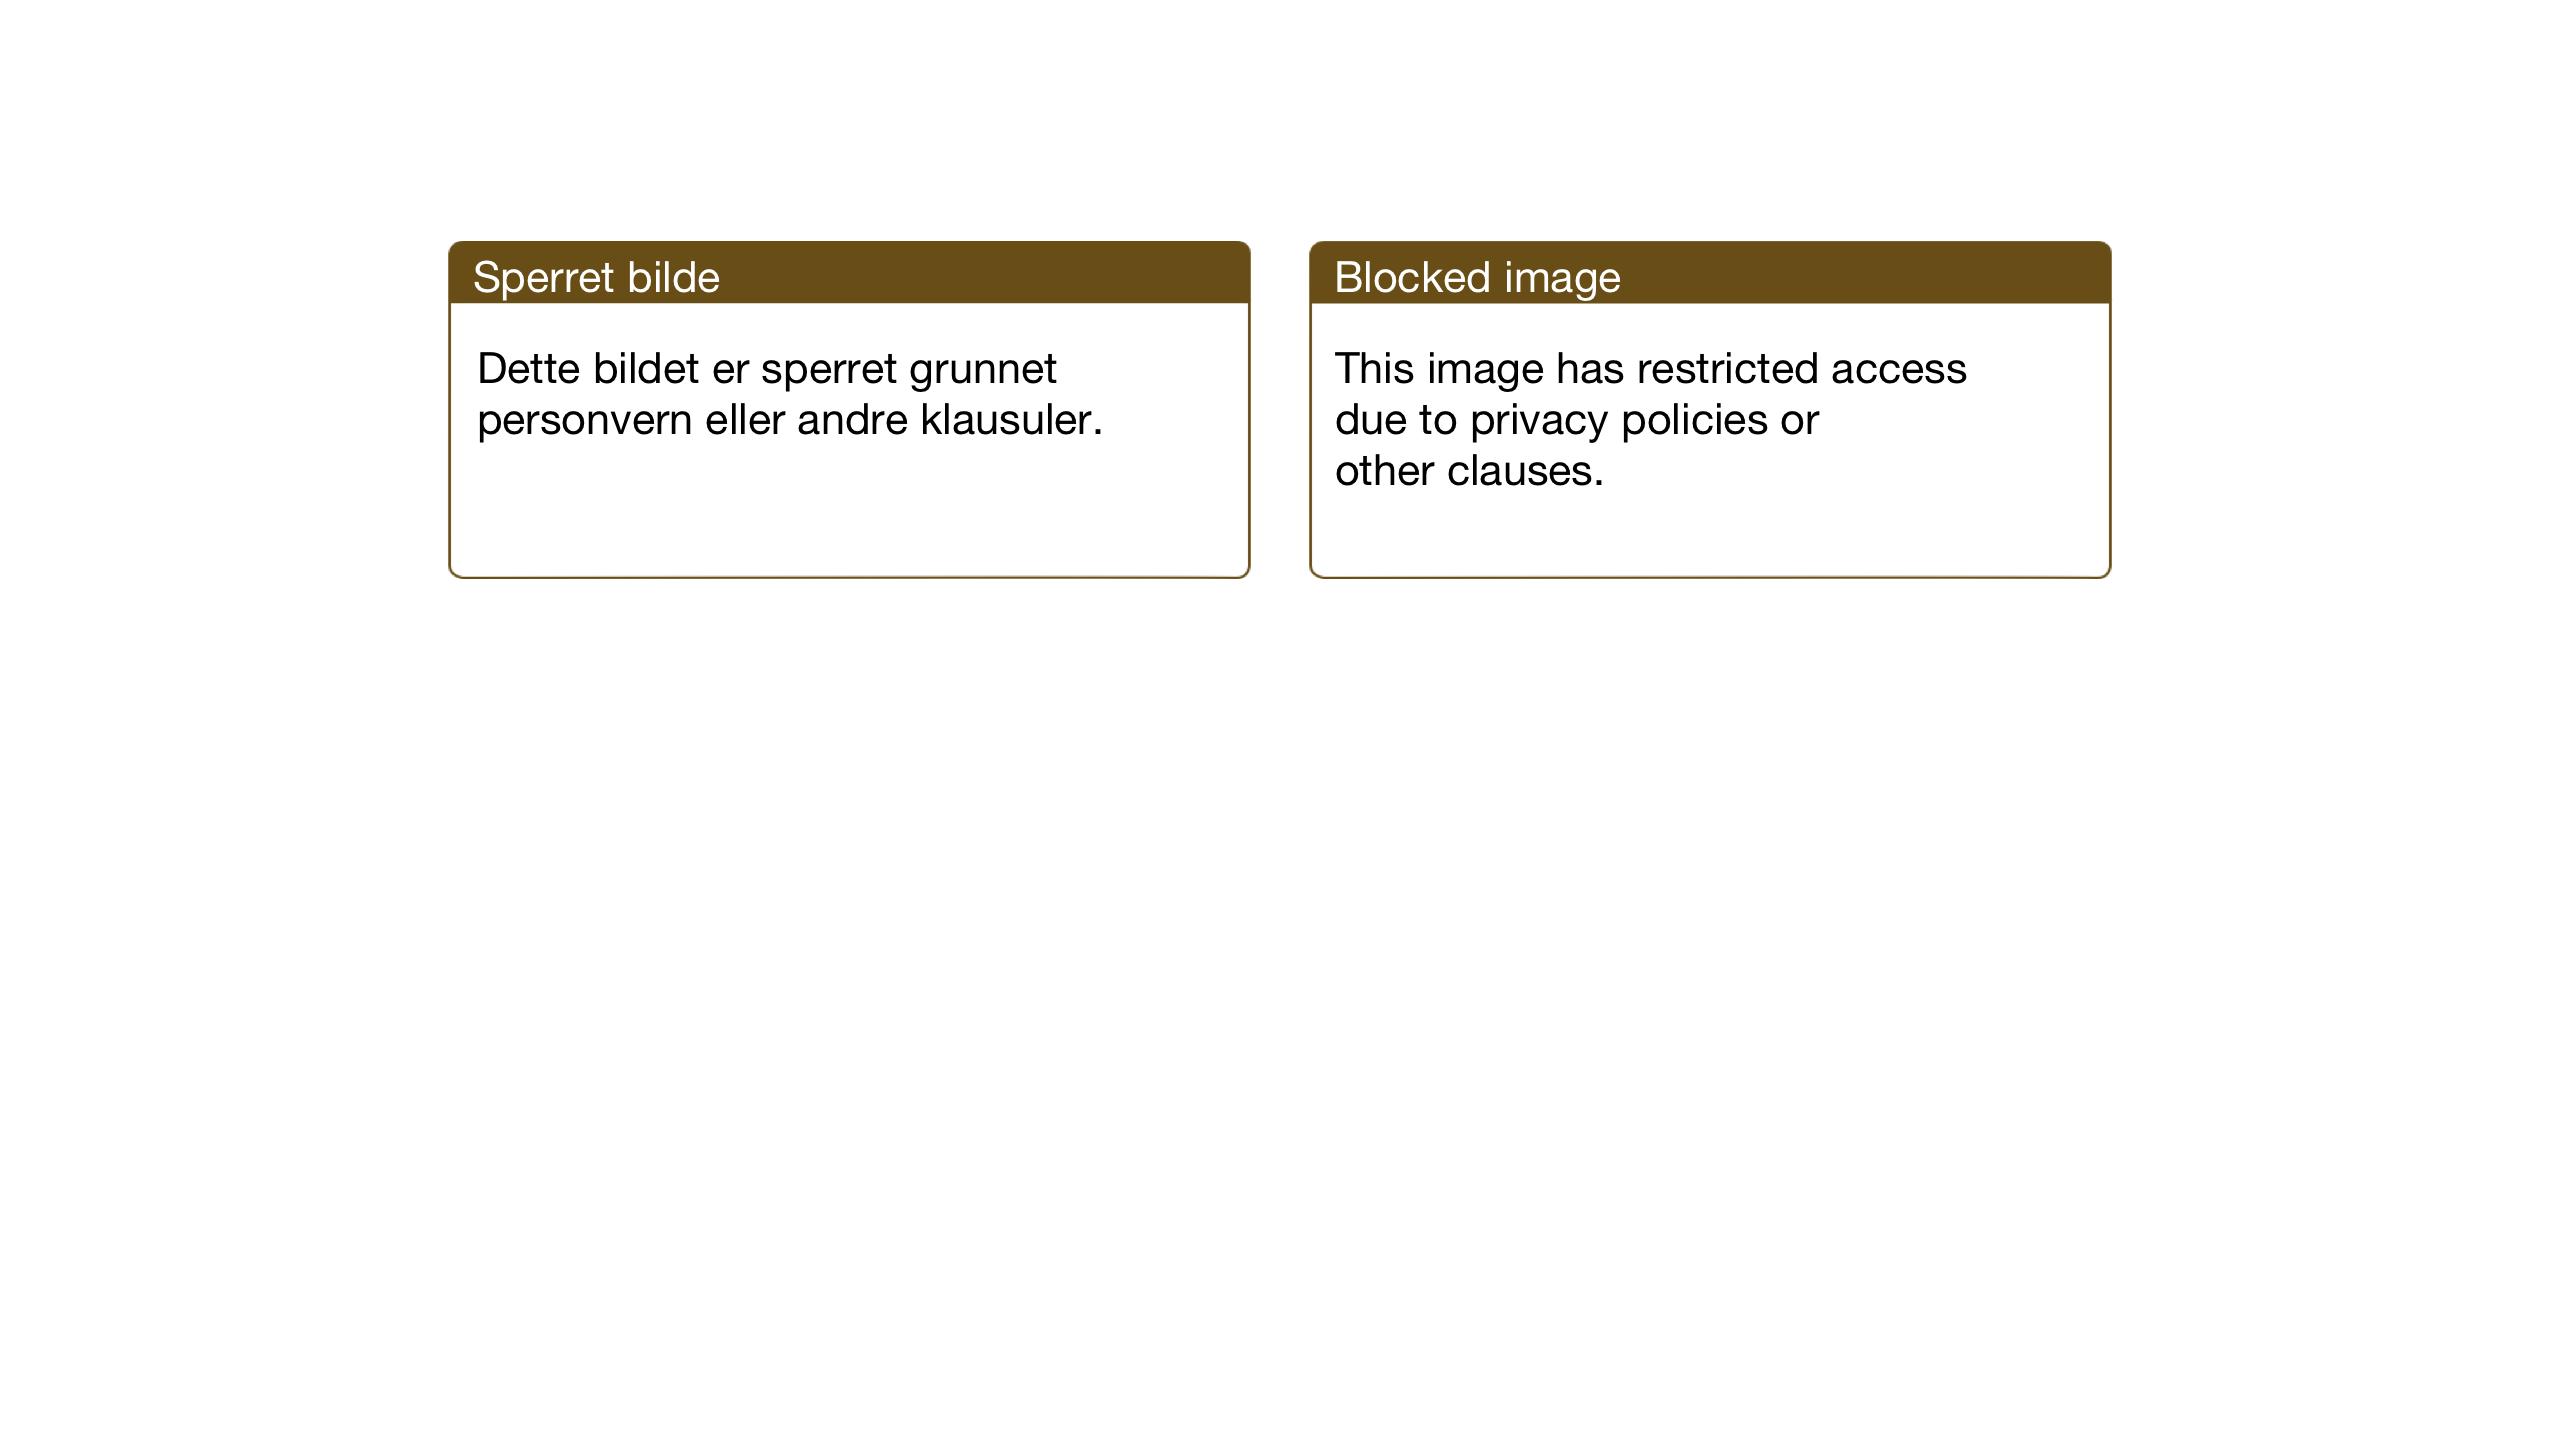 SAT, Ministerialprotokoller, klokkerbøker og fødselsregistre - Sør-Trøndelag, 607/L0328: Klokkerbok nr. 607C02, 1940-1948, s. 172